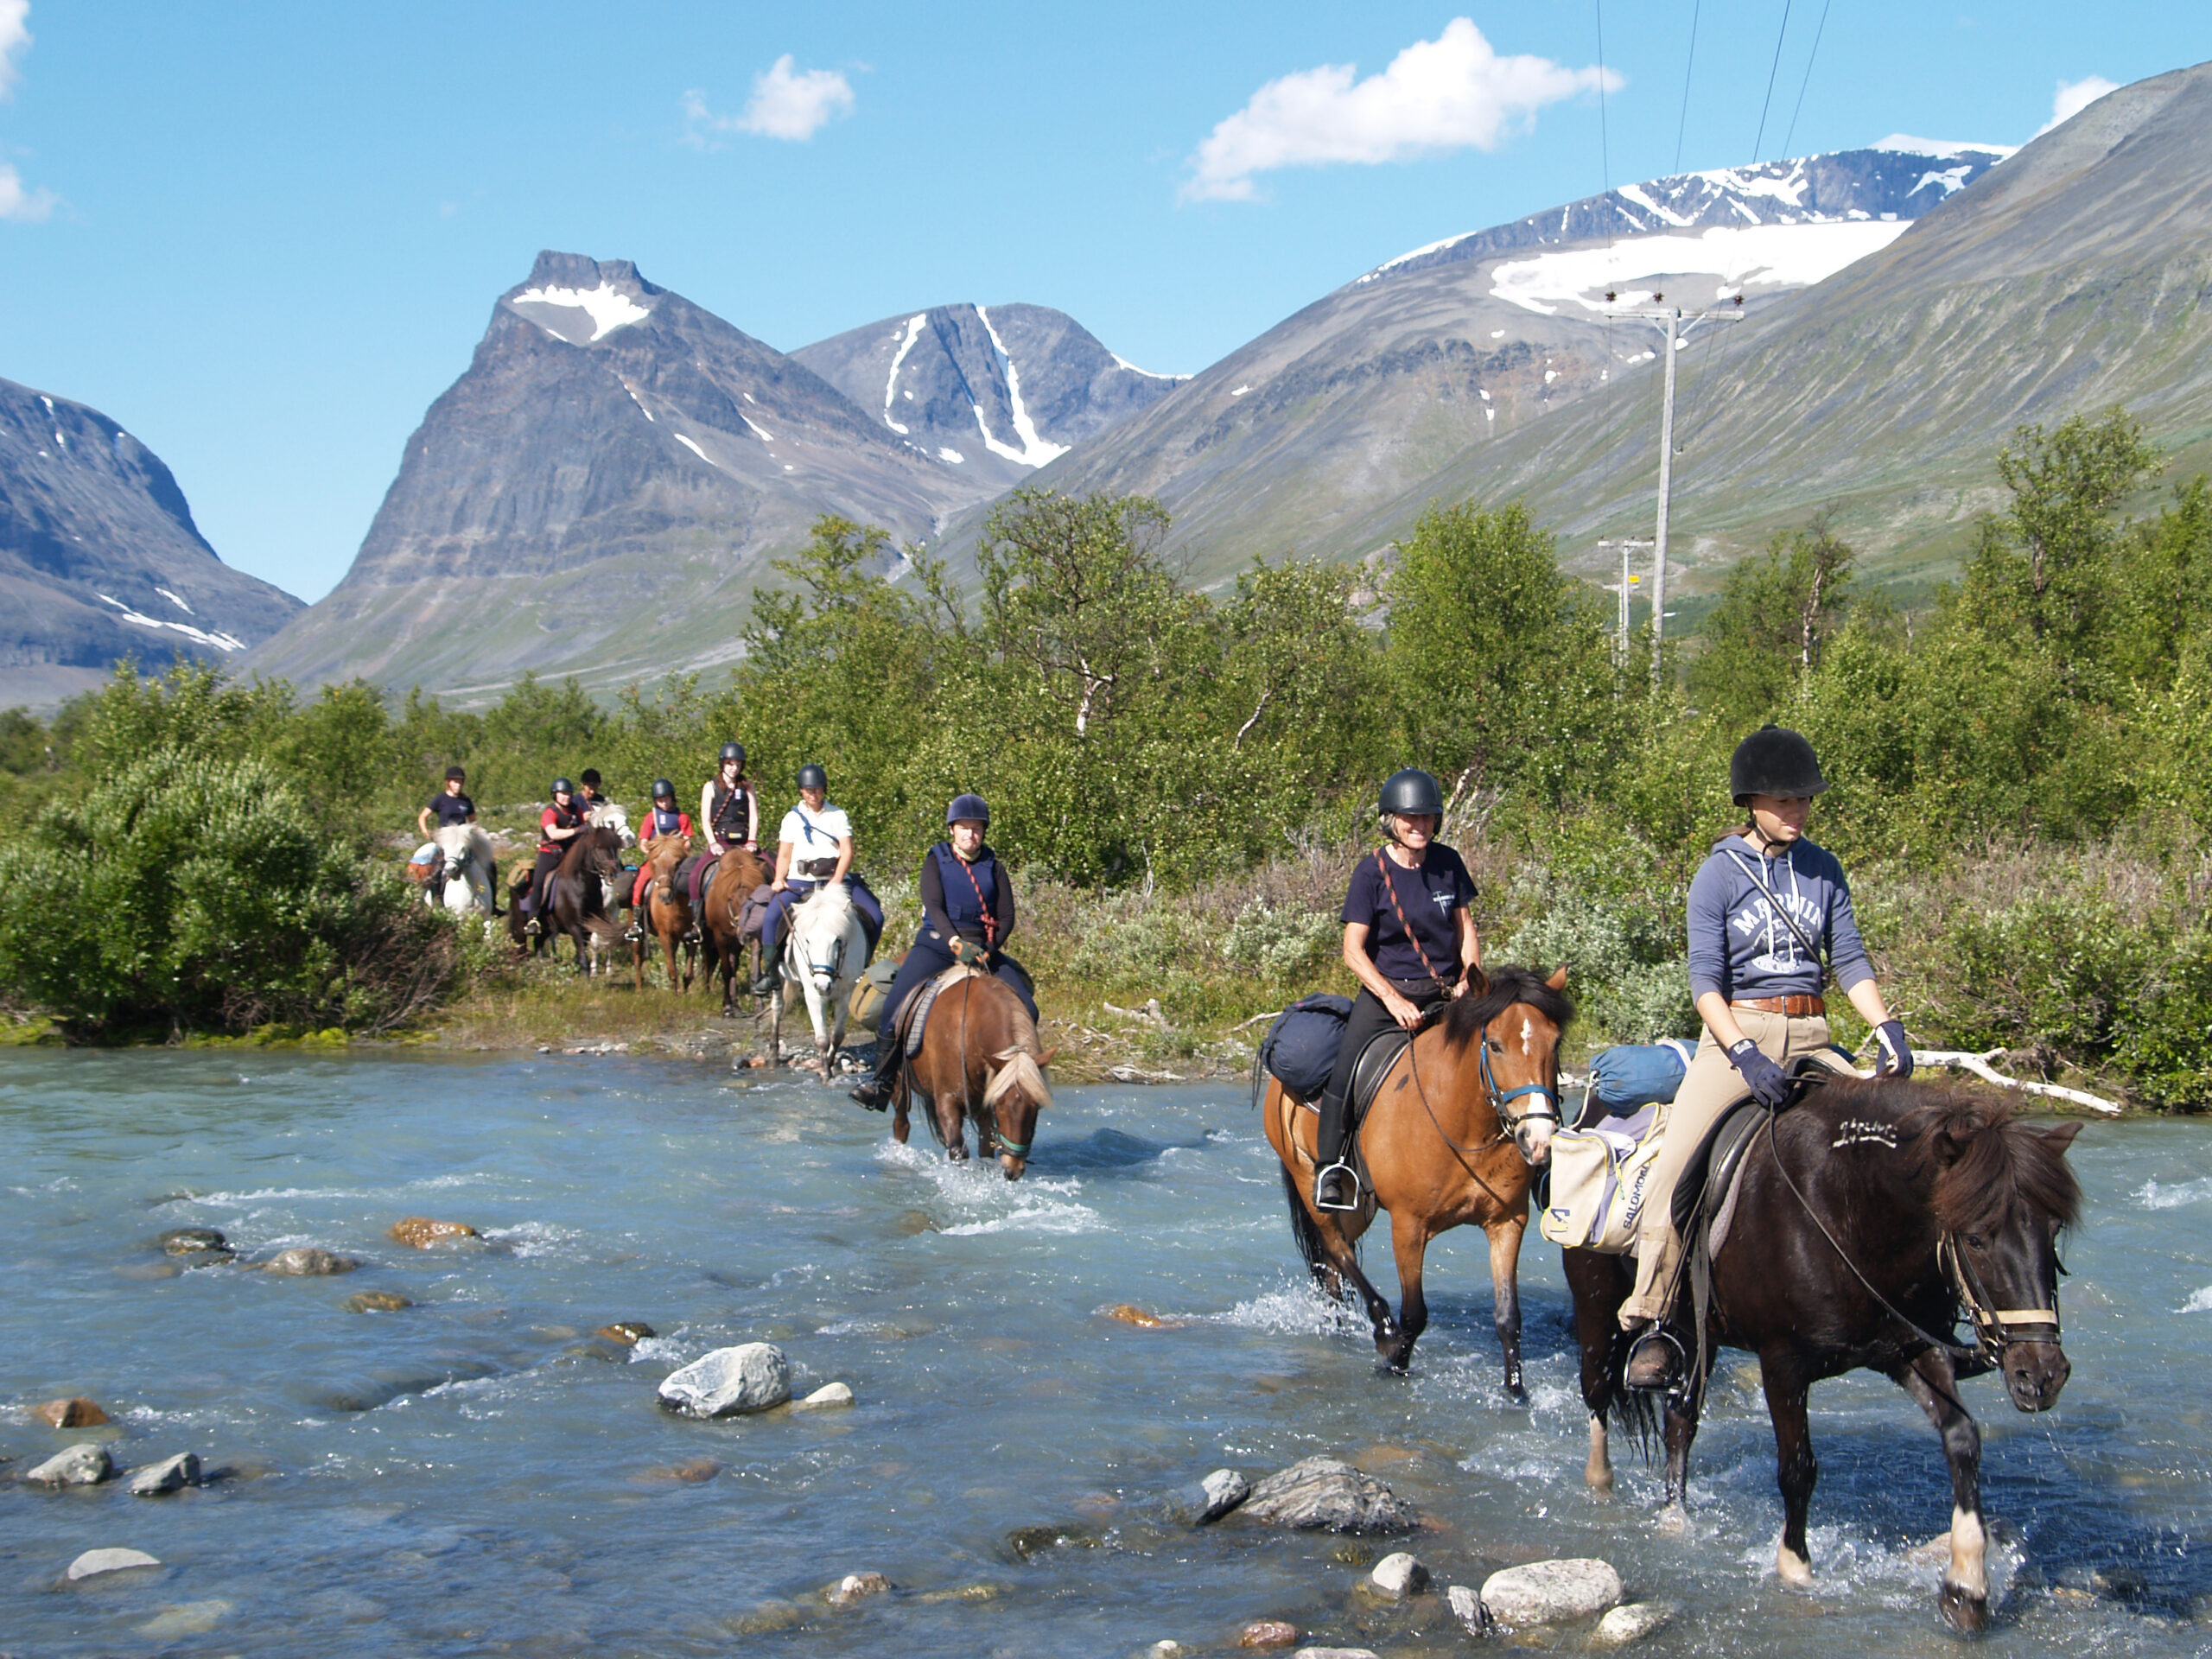 Op paardentocht in Zweden - Vakantie te paard / Reisbureau Perlan